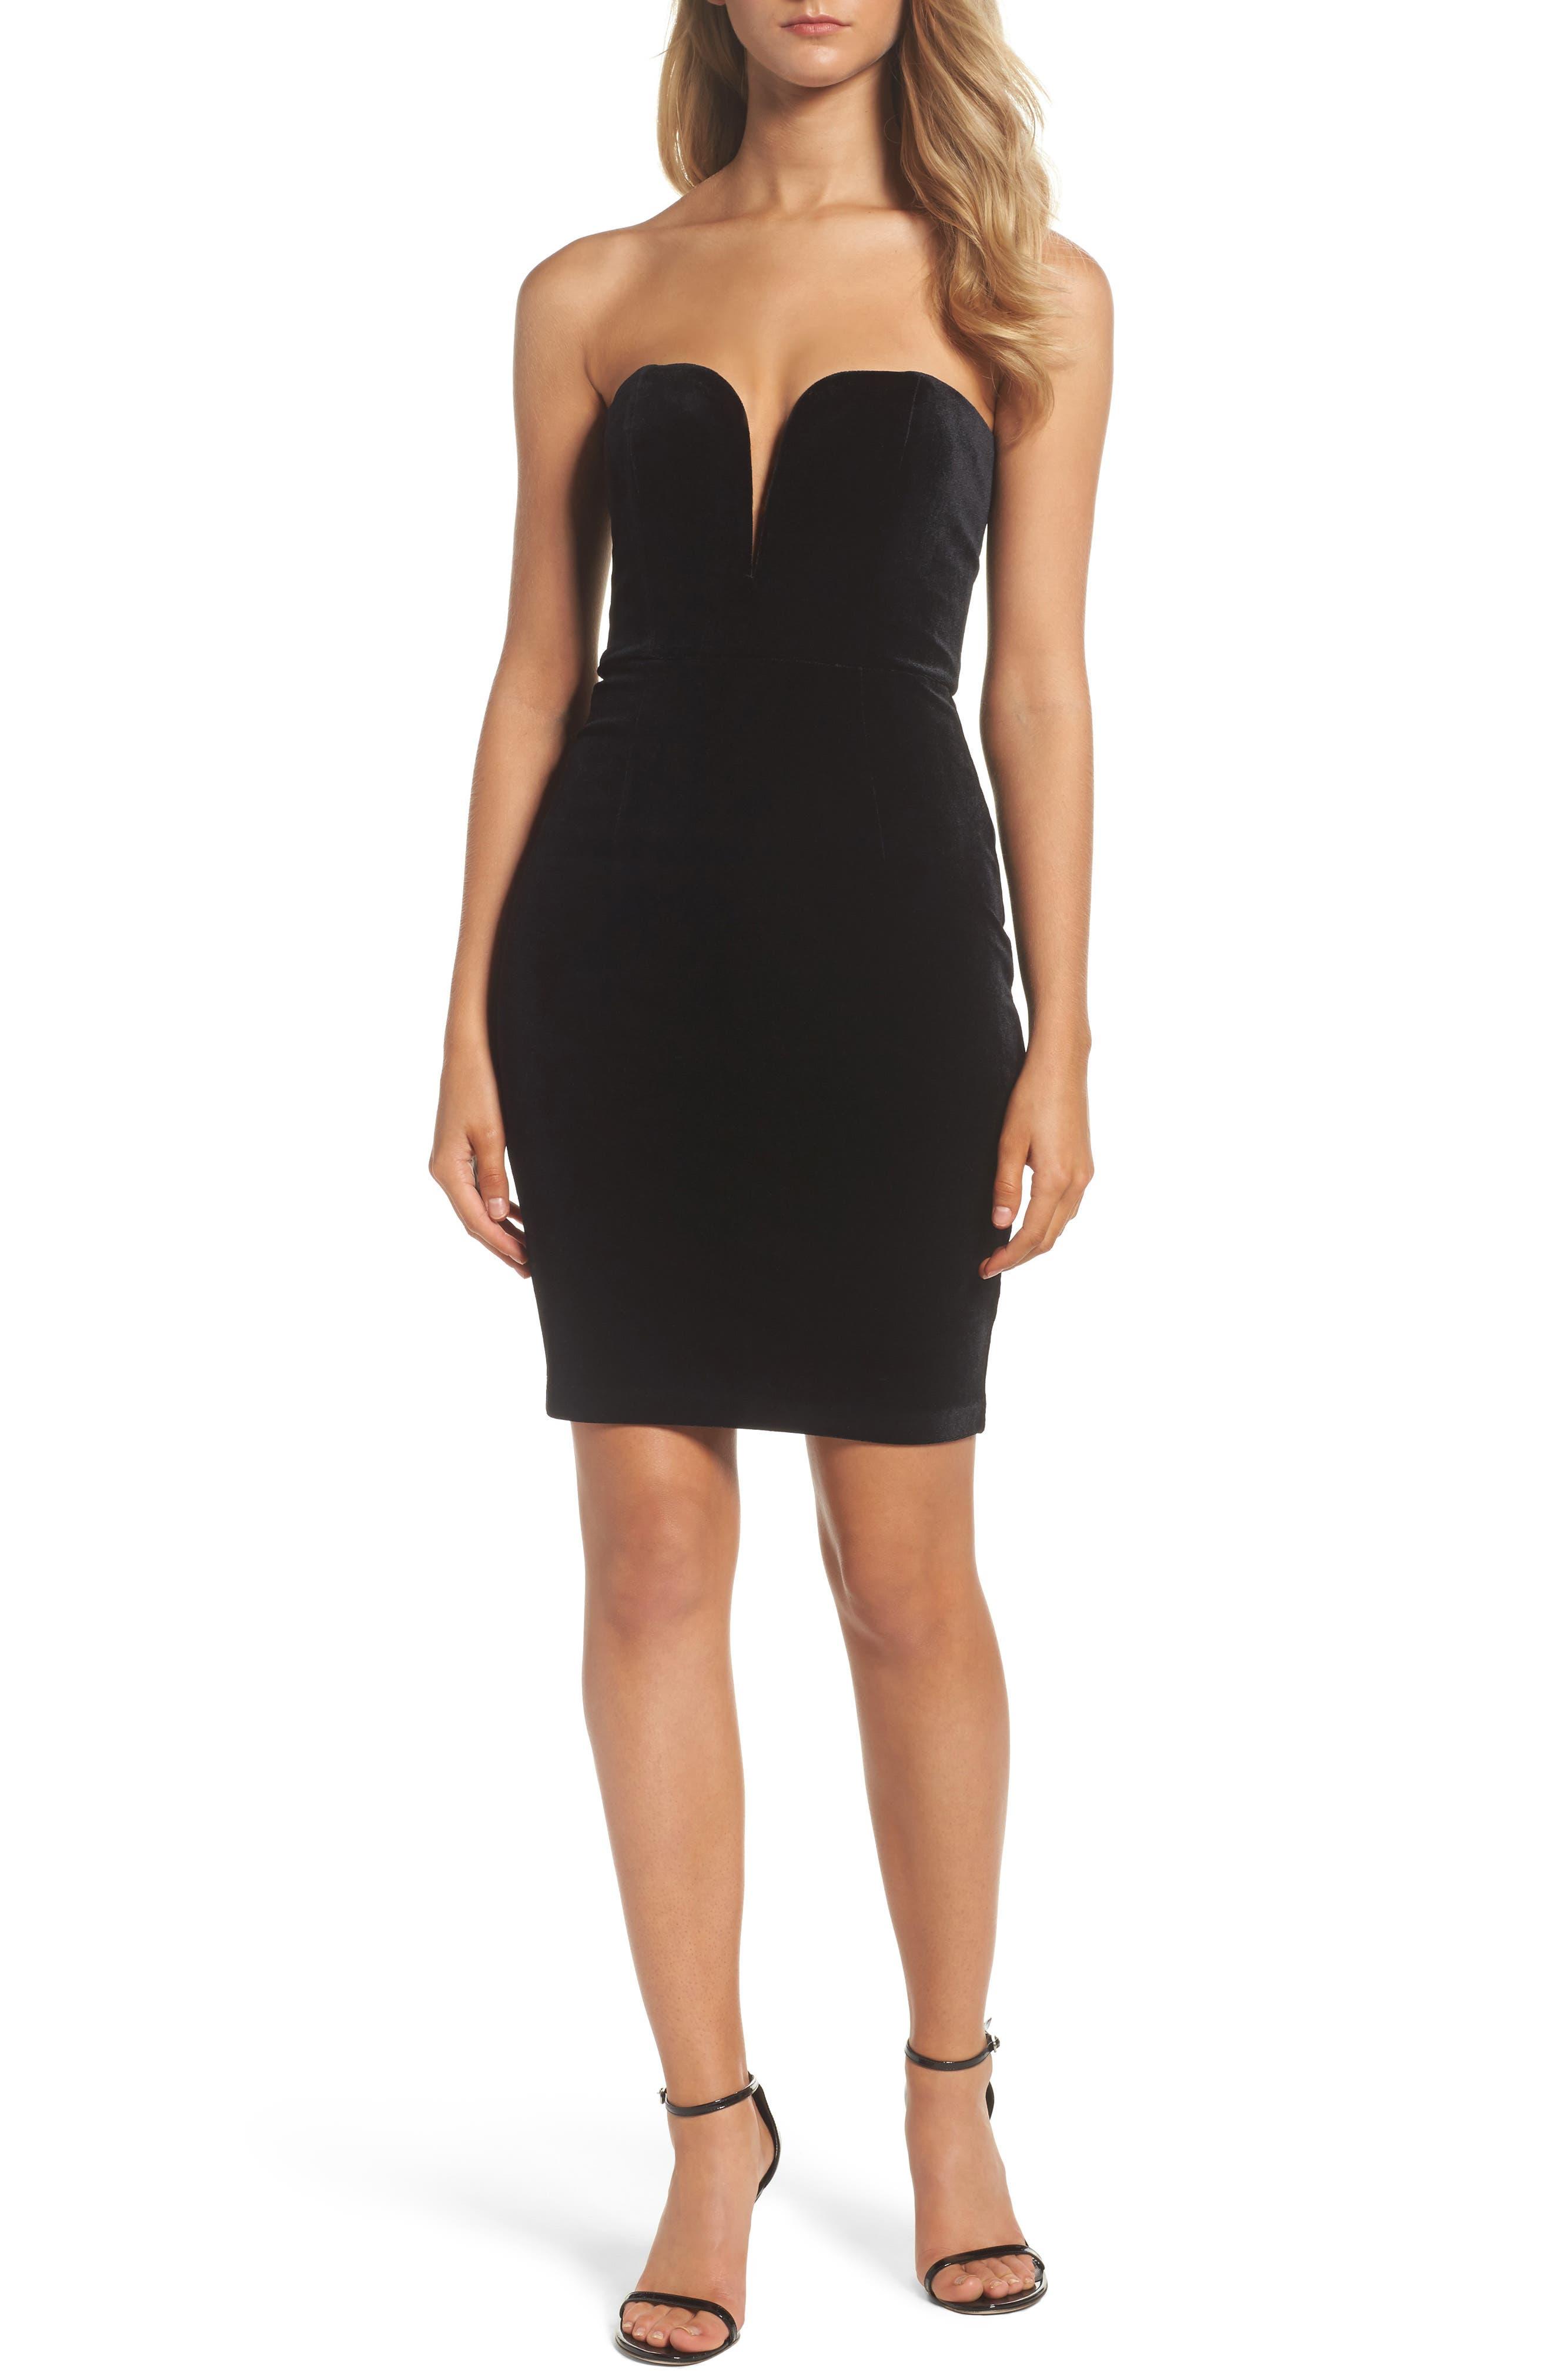 Alternate Image 1 Selected - Bardot Velvet Bustier Dress